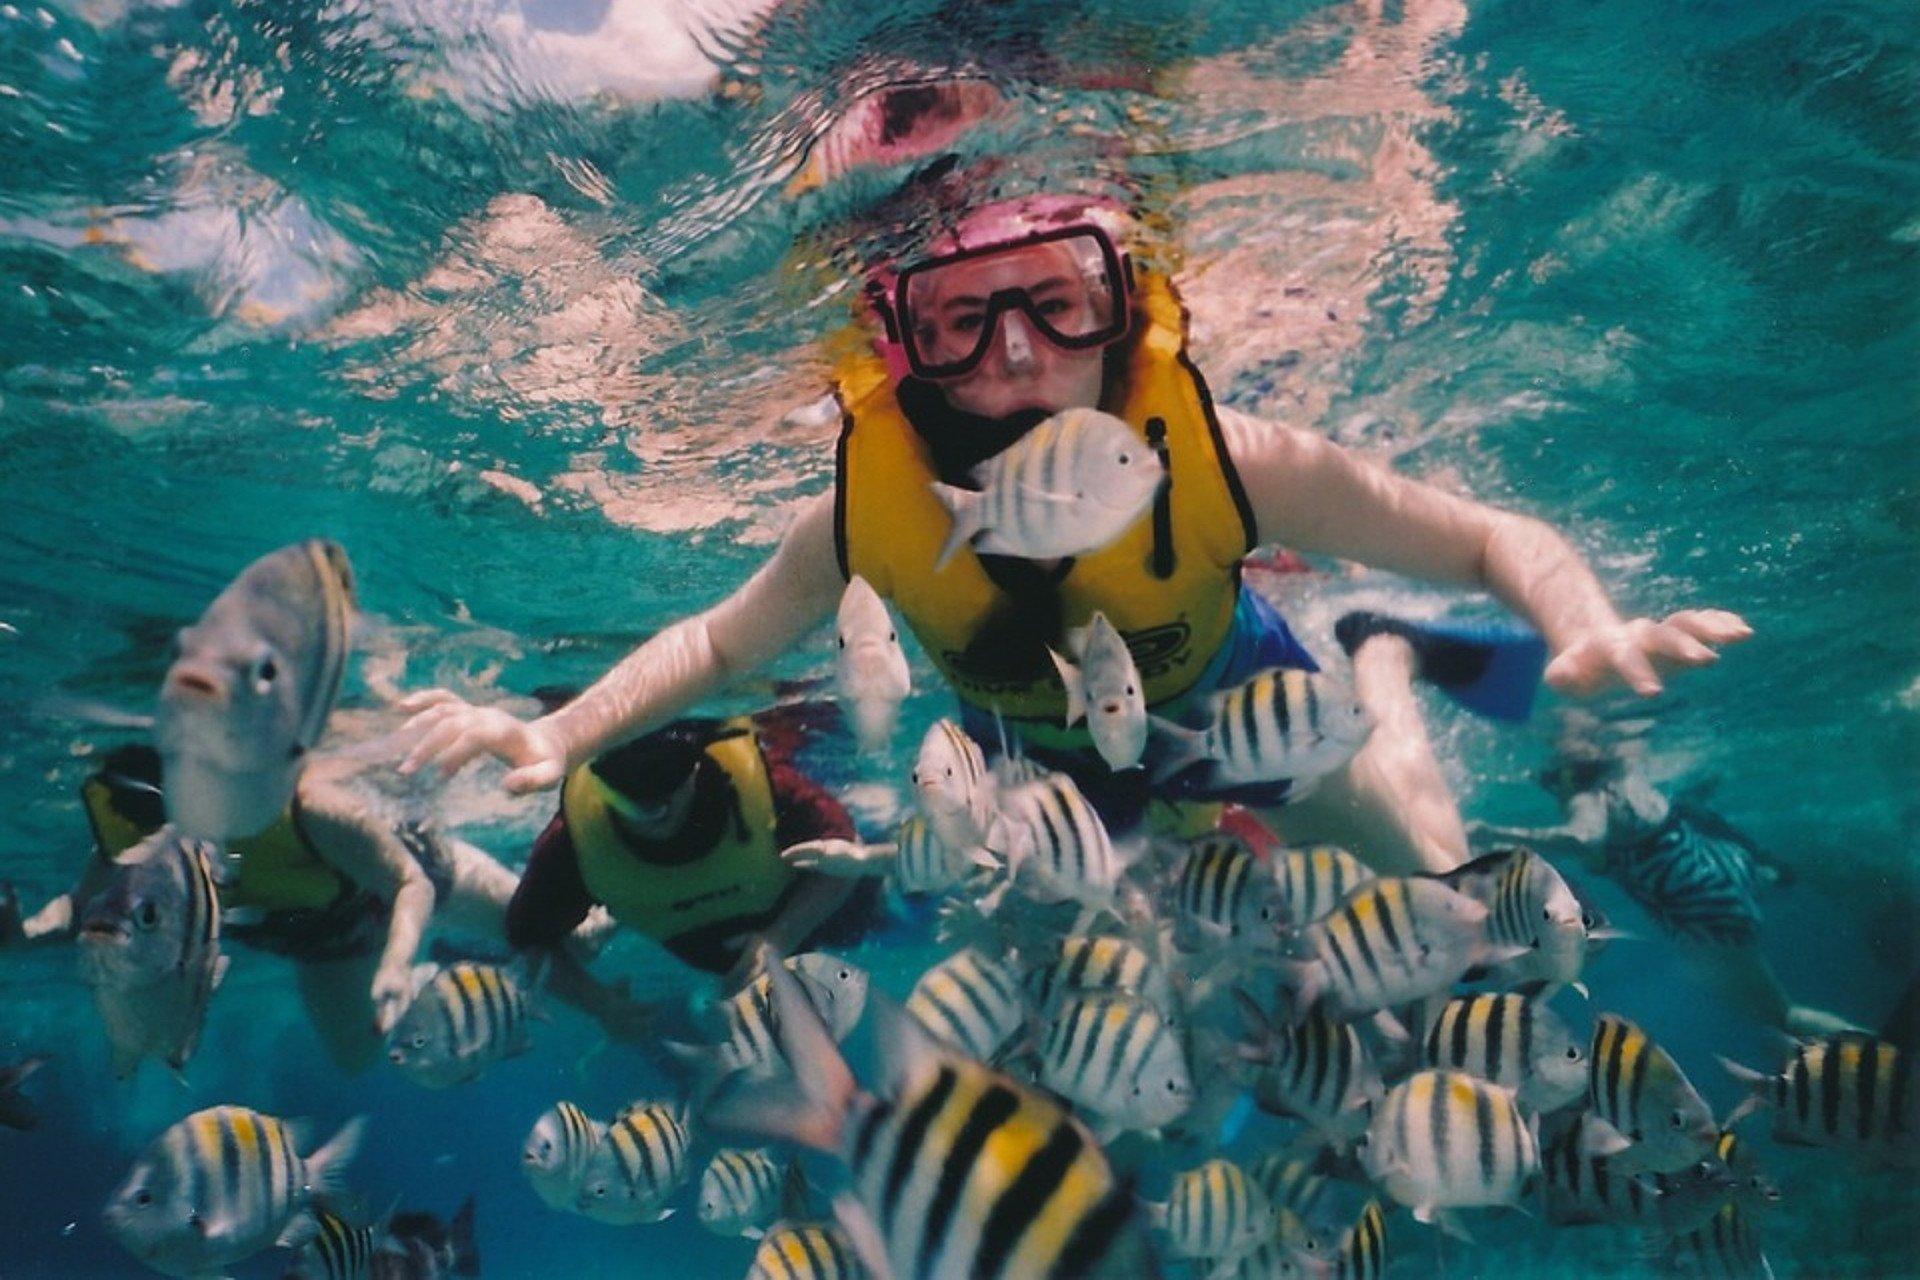 un plongeur dans une eau limpide entouré de nombreux poissons